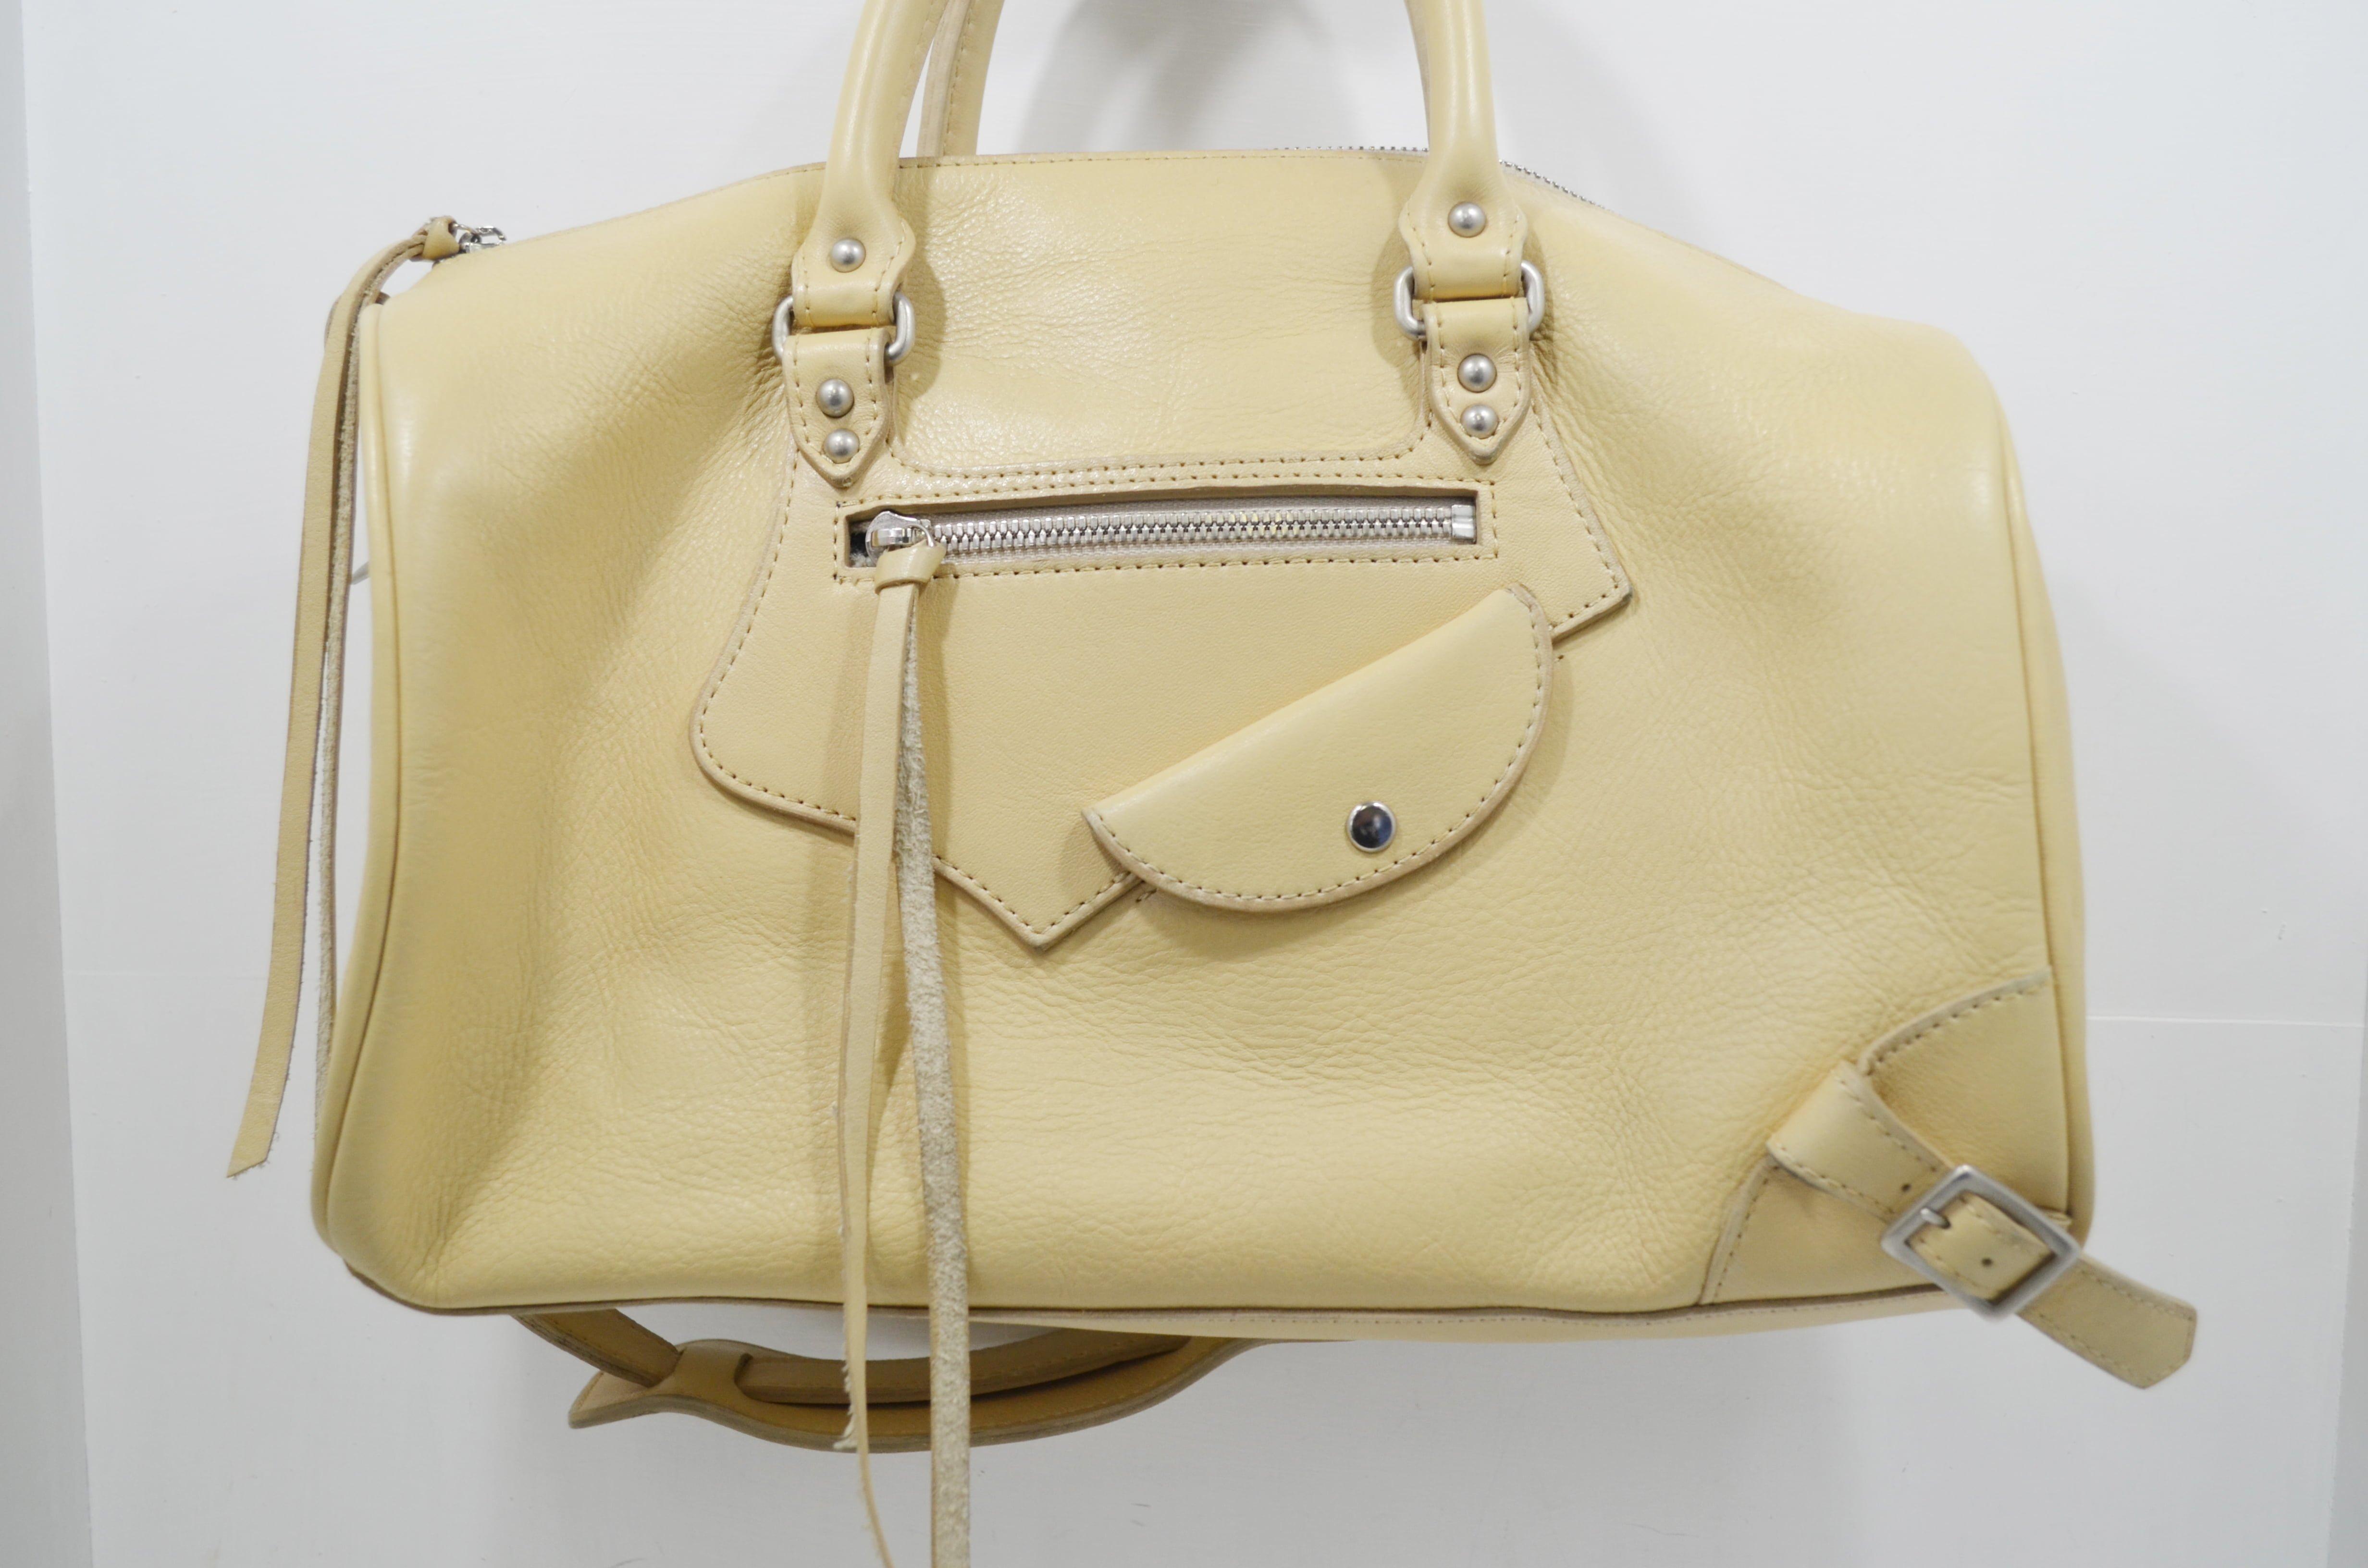 ヨウジ・ヤマモトの鞄(バッグ)のクリーニング&修理